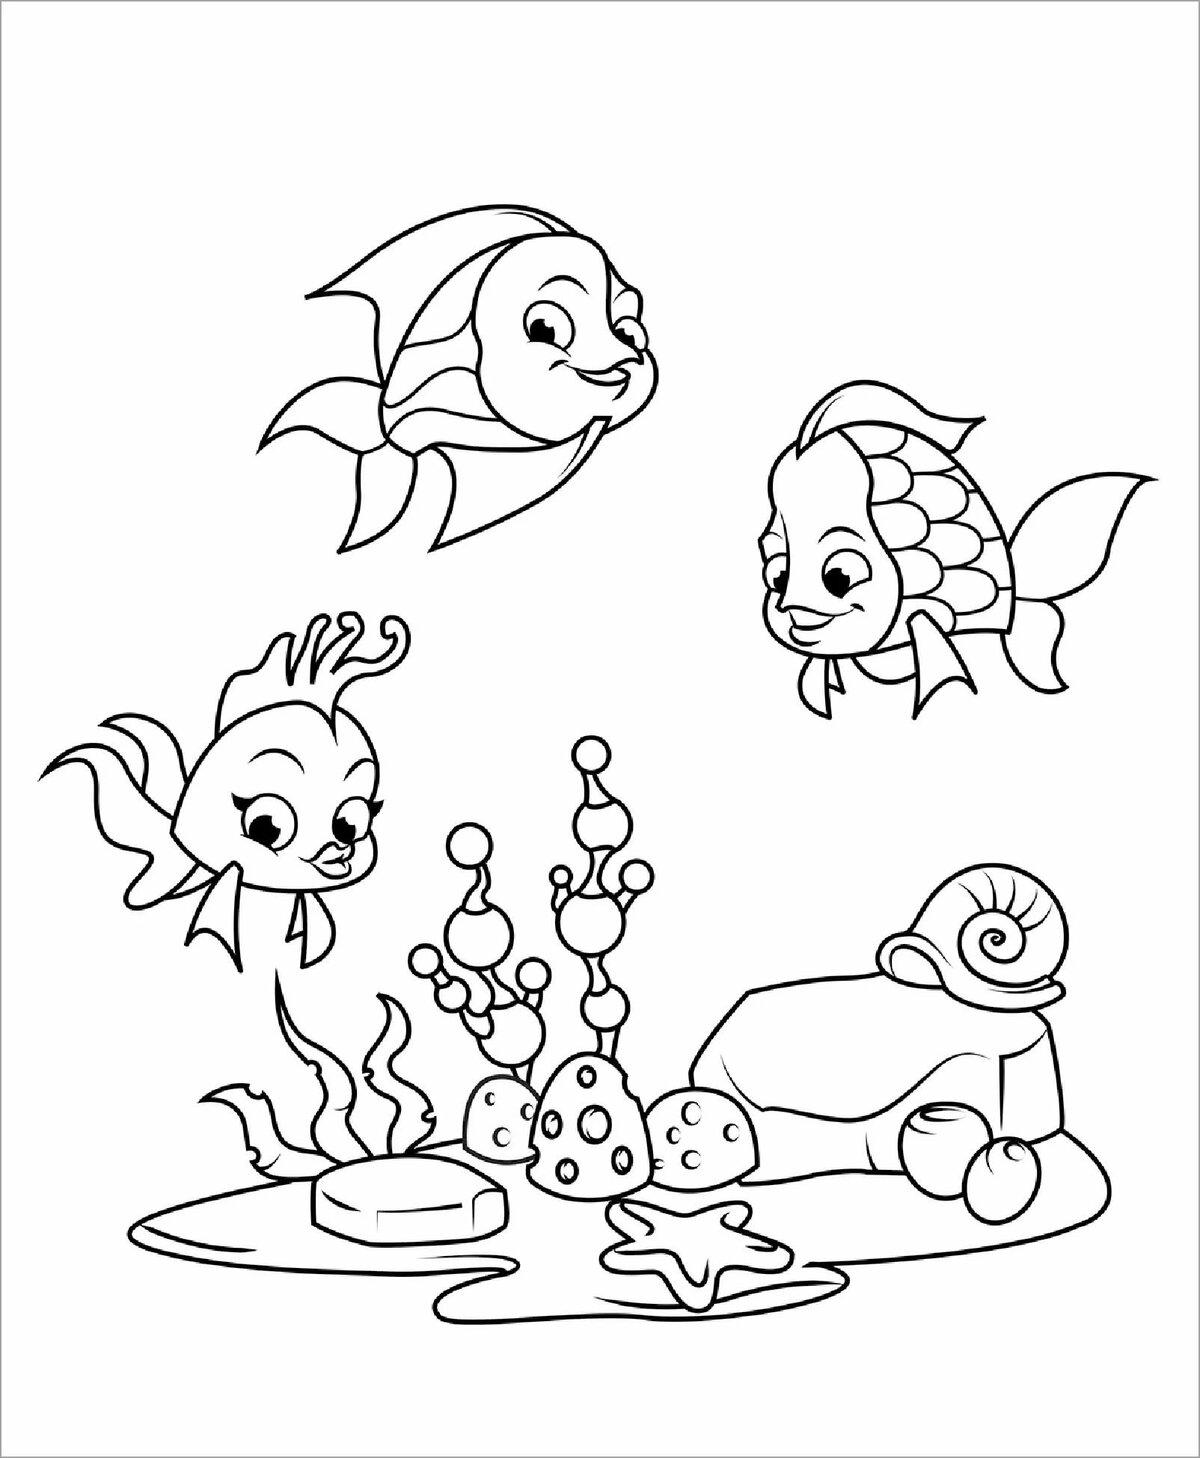 еще раскраска картинки про рыбок жизнь